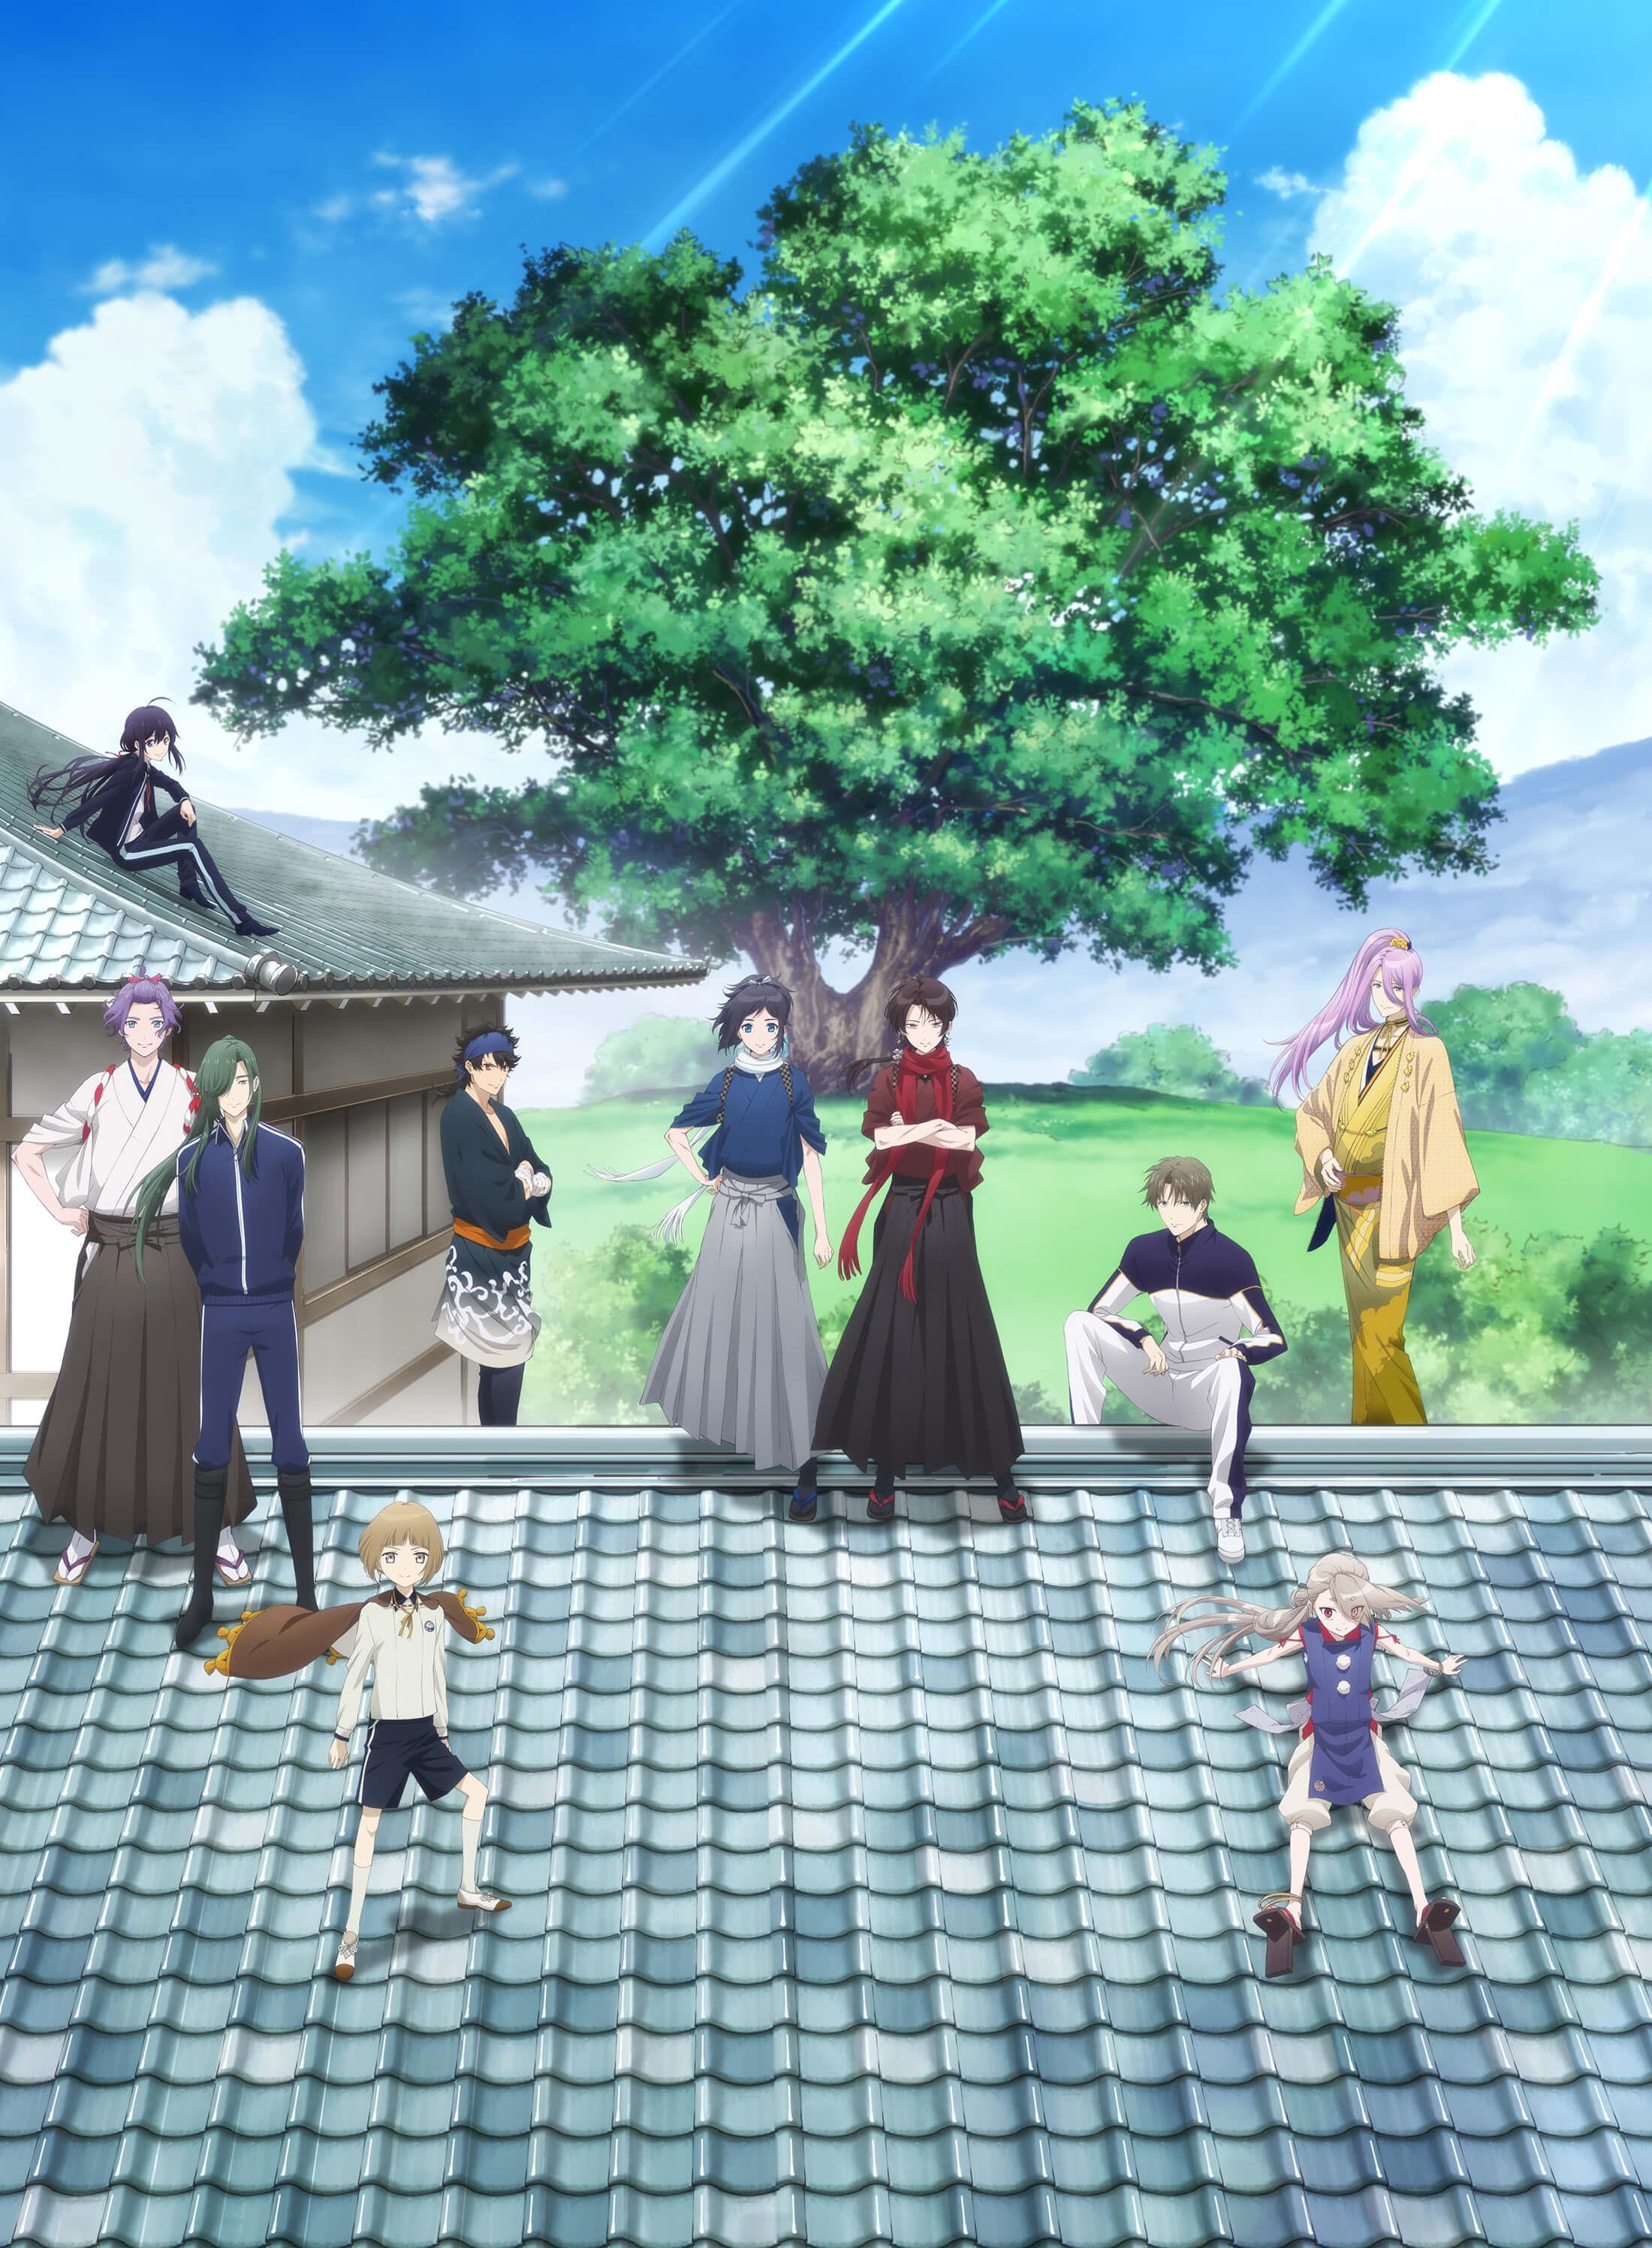 Смотреть Танец мечей: Цветочный круг (первый сезон) [04 из 12] онлайн